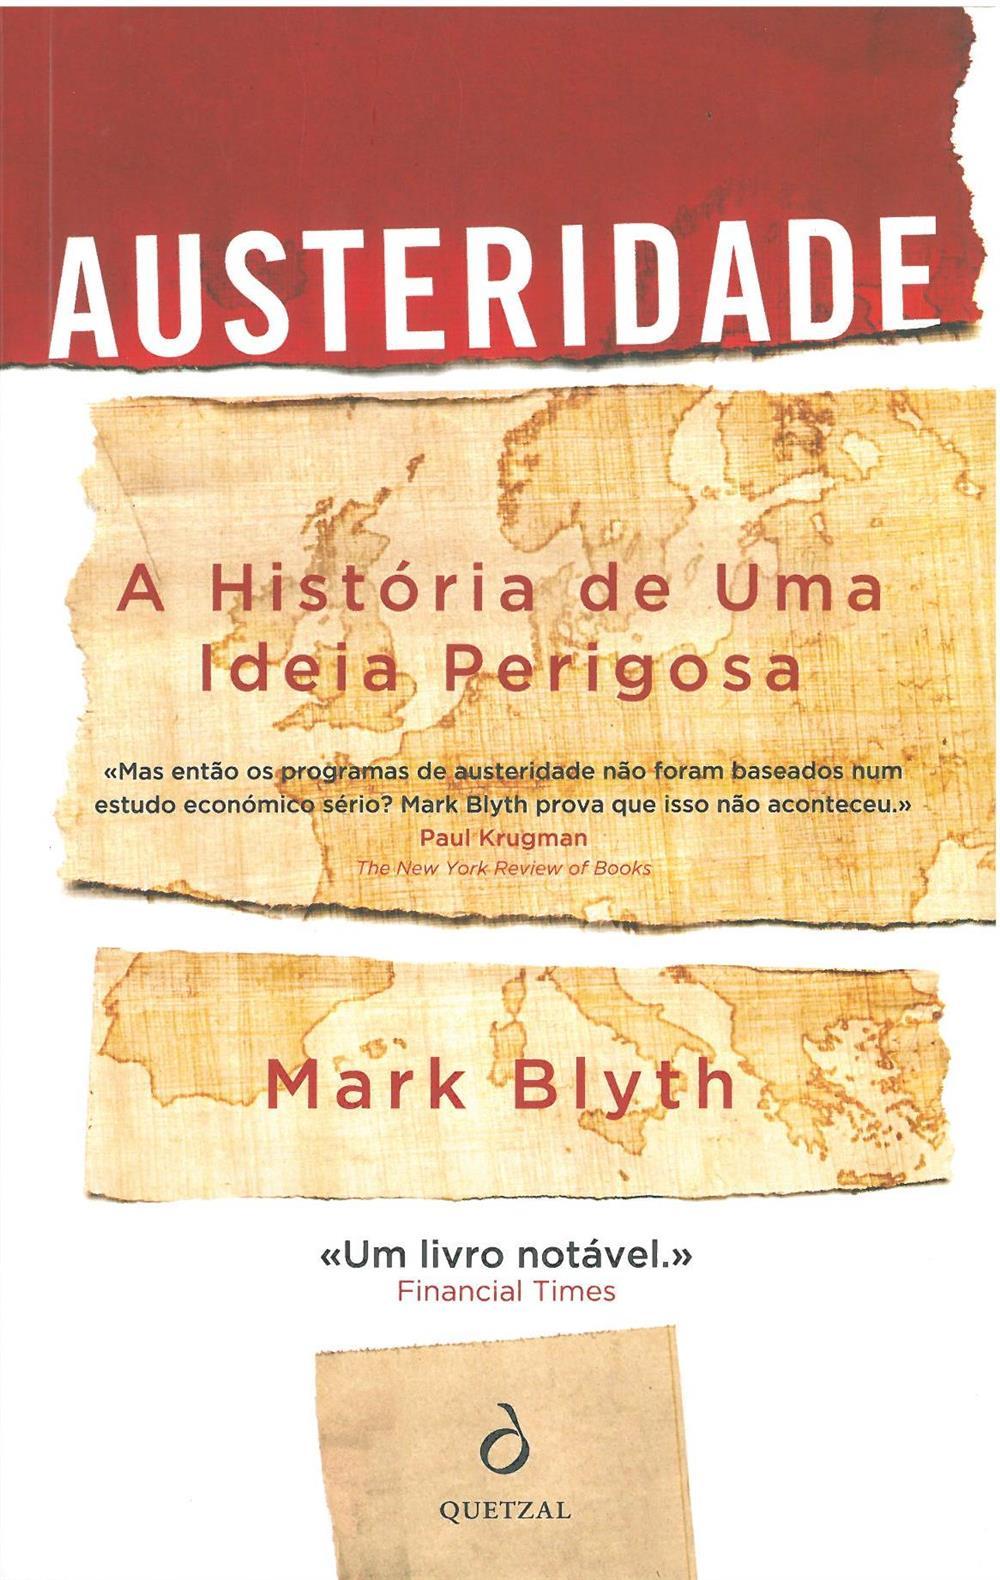 Austeridade_.jpg